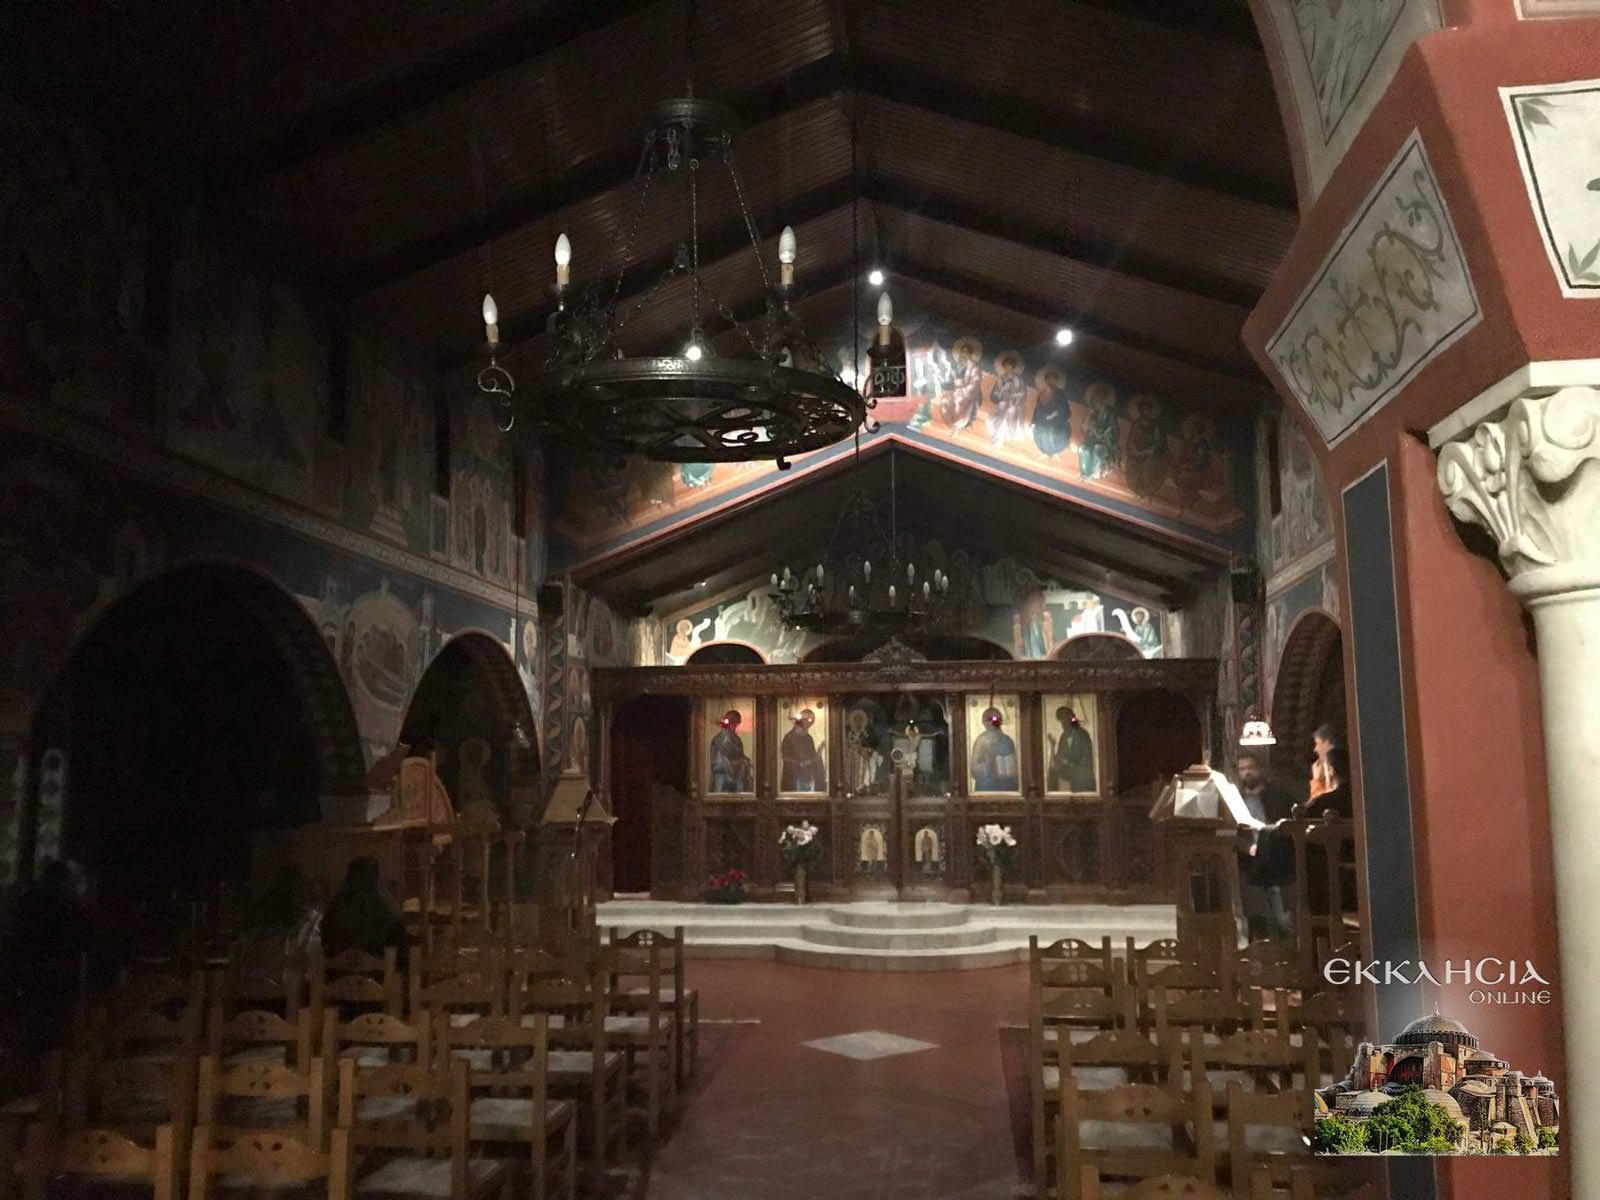 Ιερός Ναός Αγίας Άννας Κηφισιά εορτή Αγίου Βασιλείου